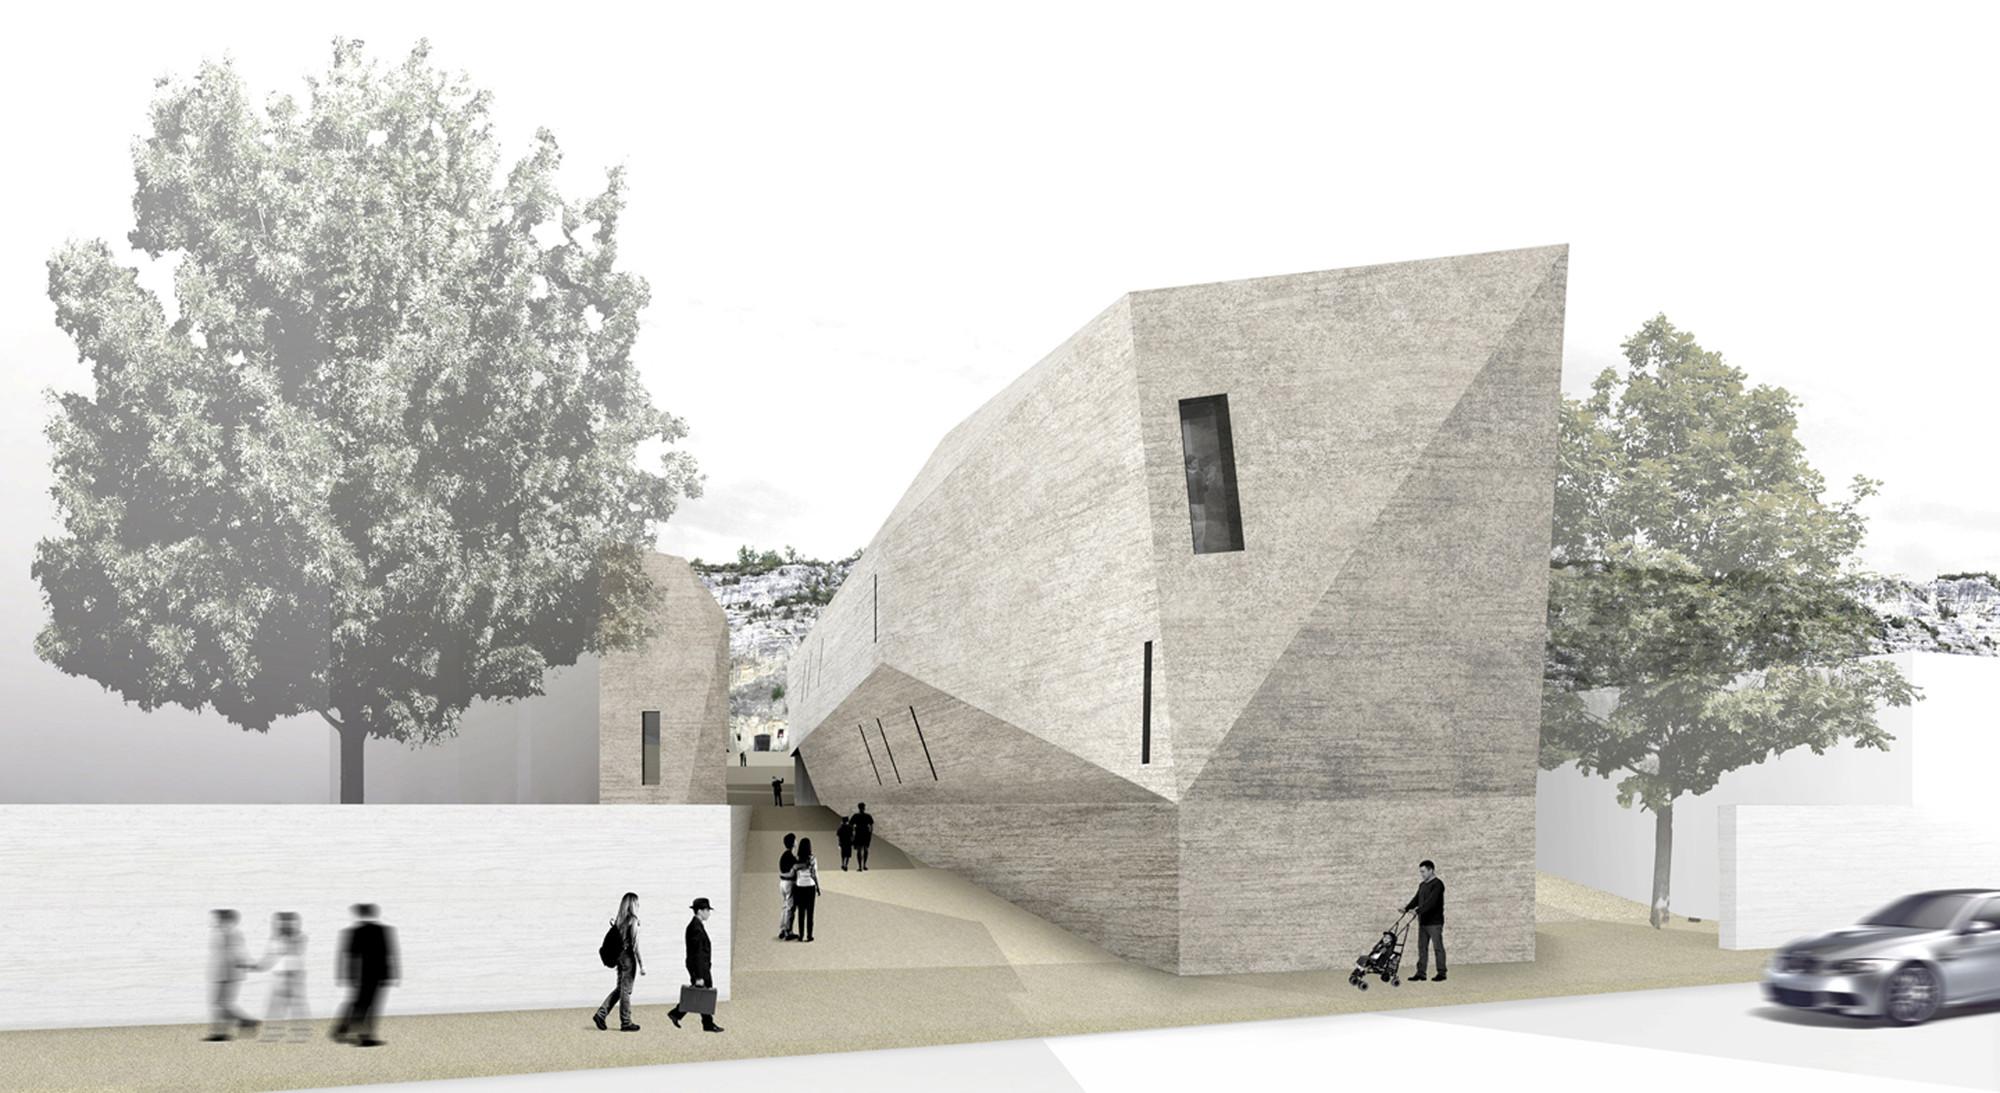 Primer Lugar en concurso de ampliación Galleria Comunale d'Arte / Cagliari, Italia, Courtesy of Giovanni Battista Oliva